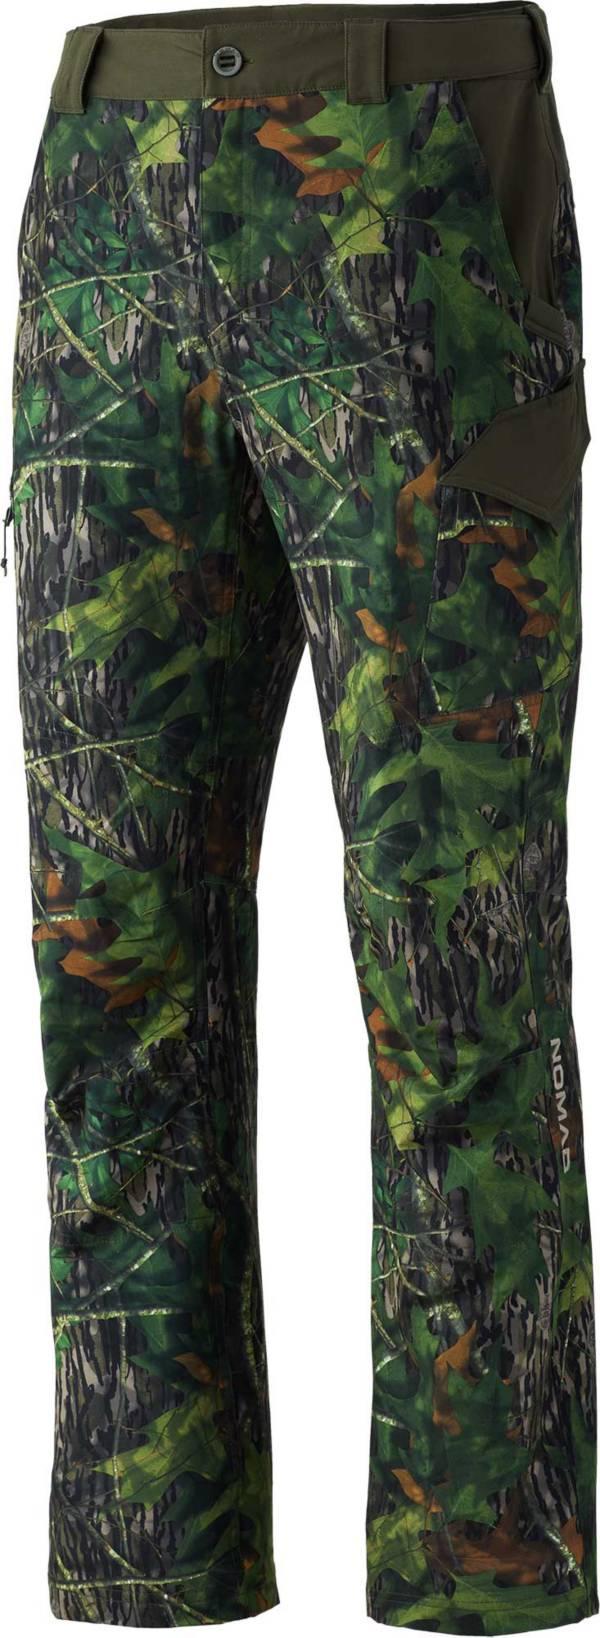 Nomad Men's Pursuit Pants product image